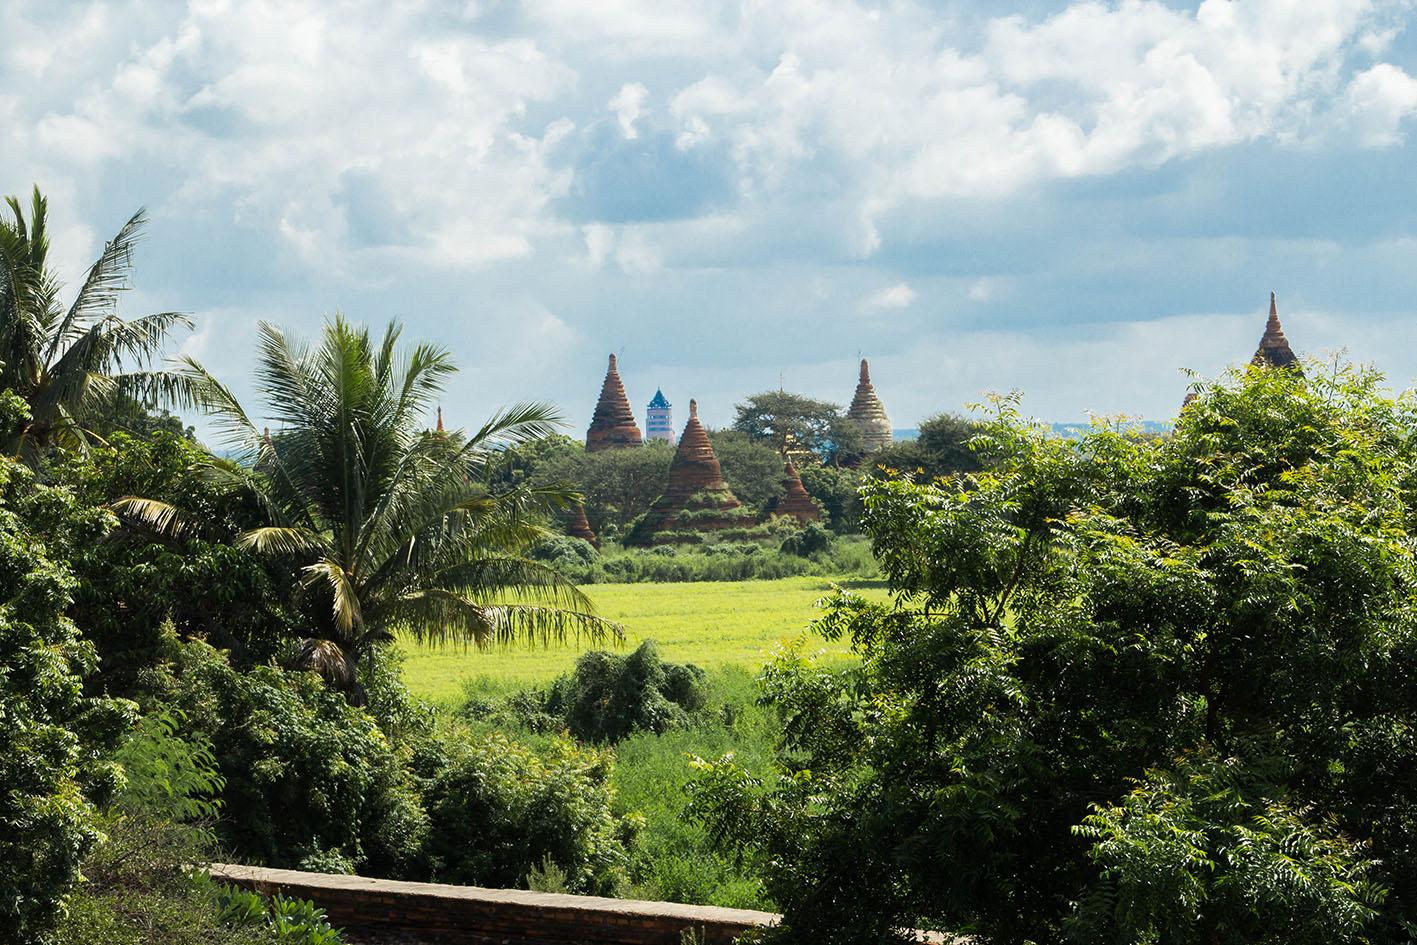 baganpagoda-4